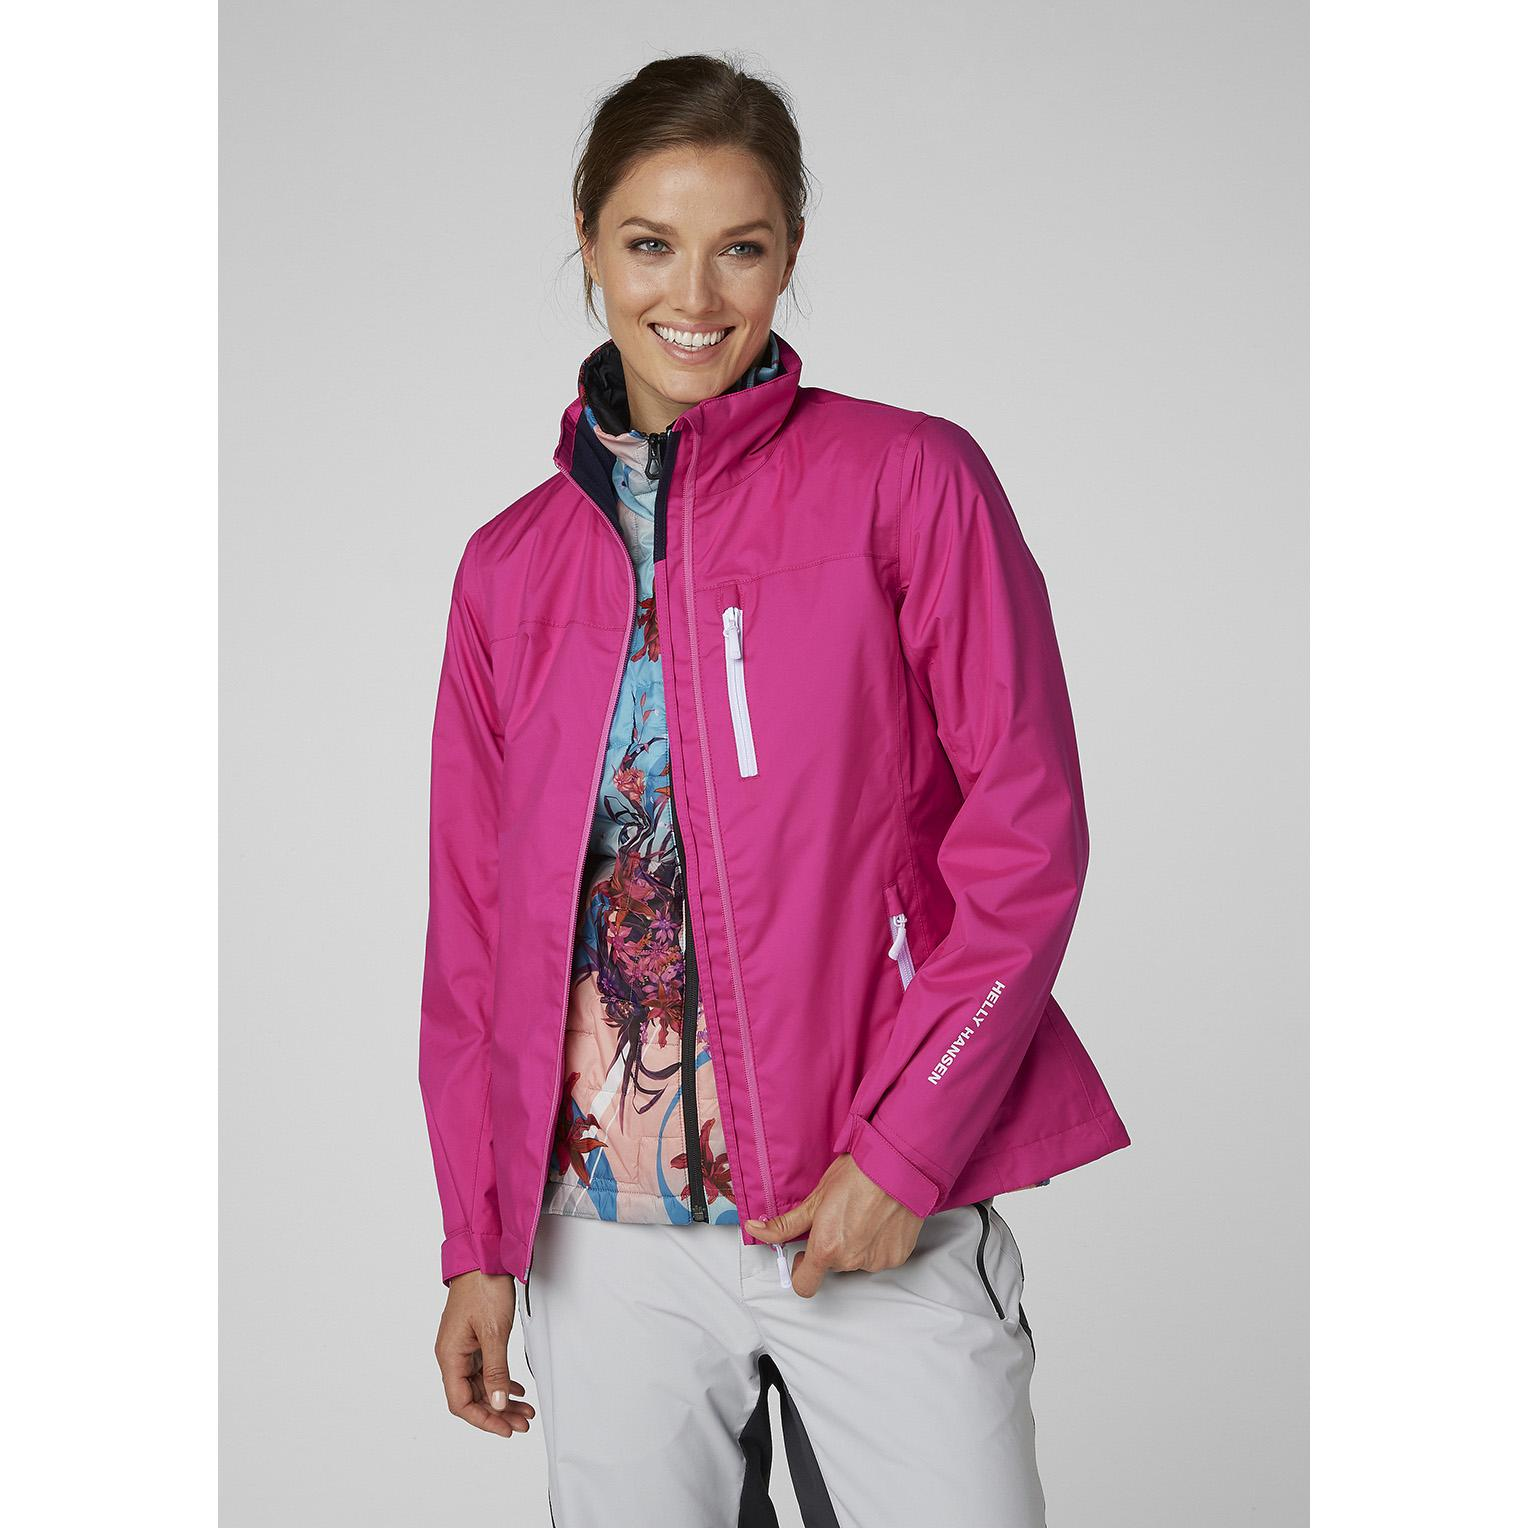 046bc85e7 Lyst - Helly Hansen W Crew Midlayer Jacket in Pink